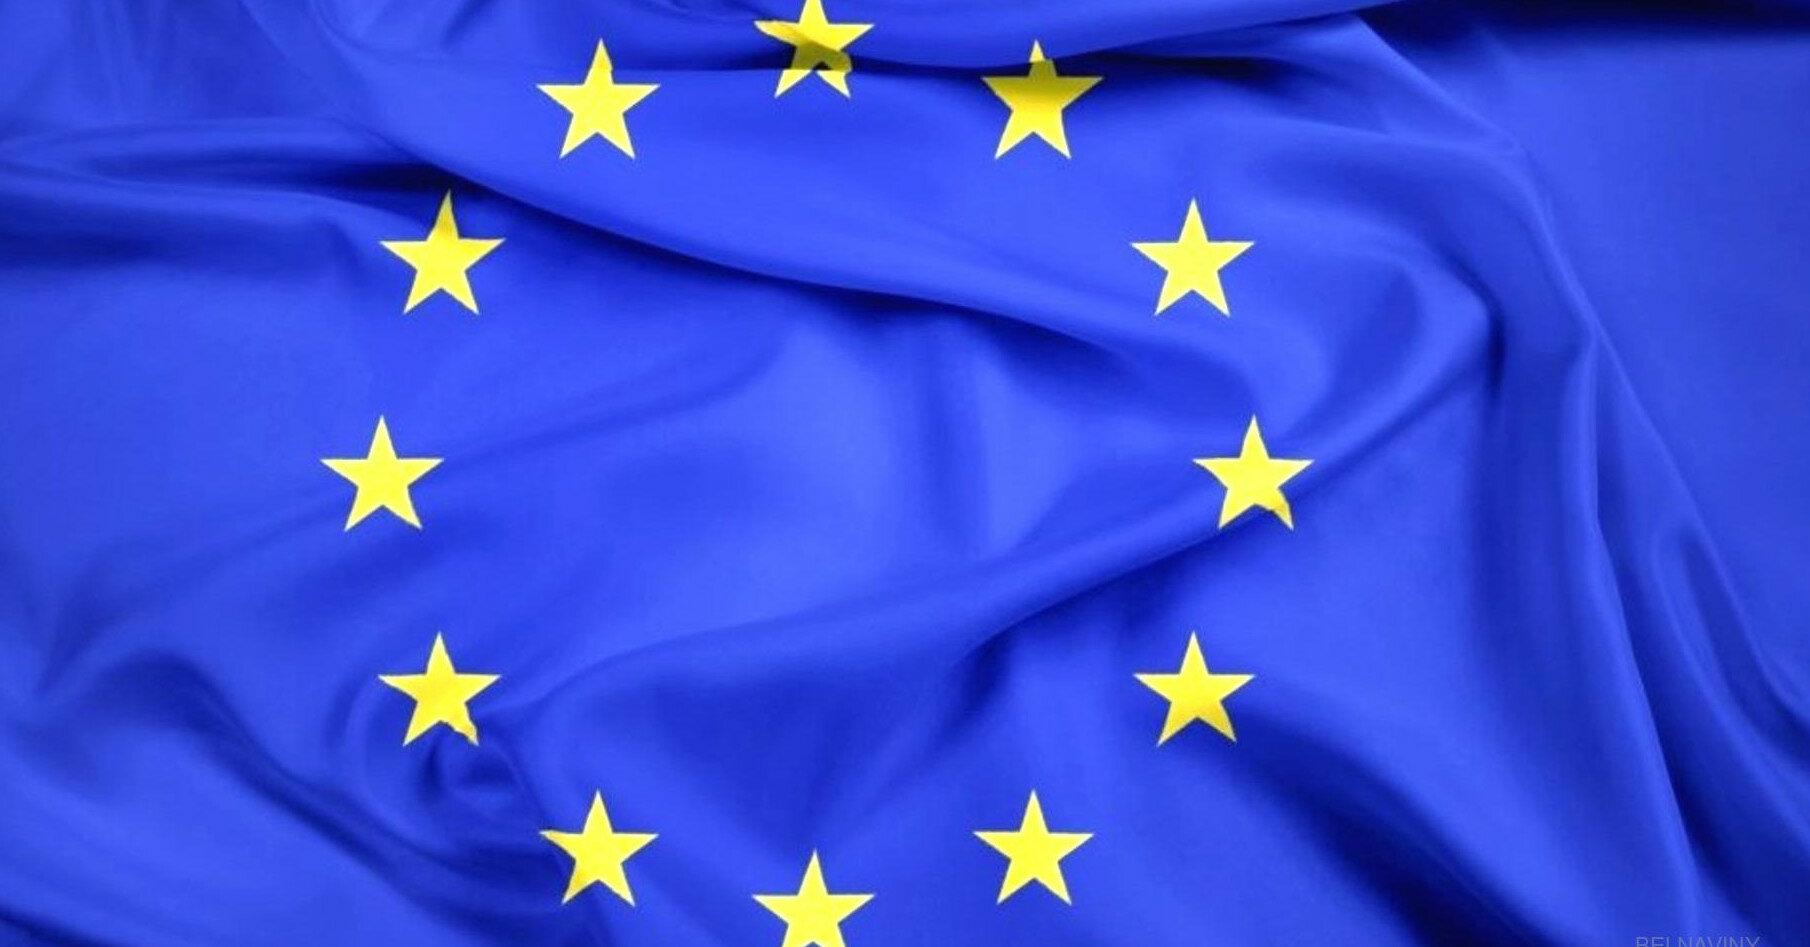 Евросоюз согласовал секторальные санкции против Беларуси